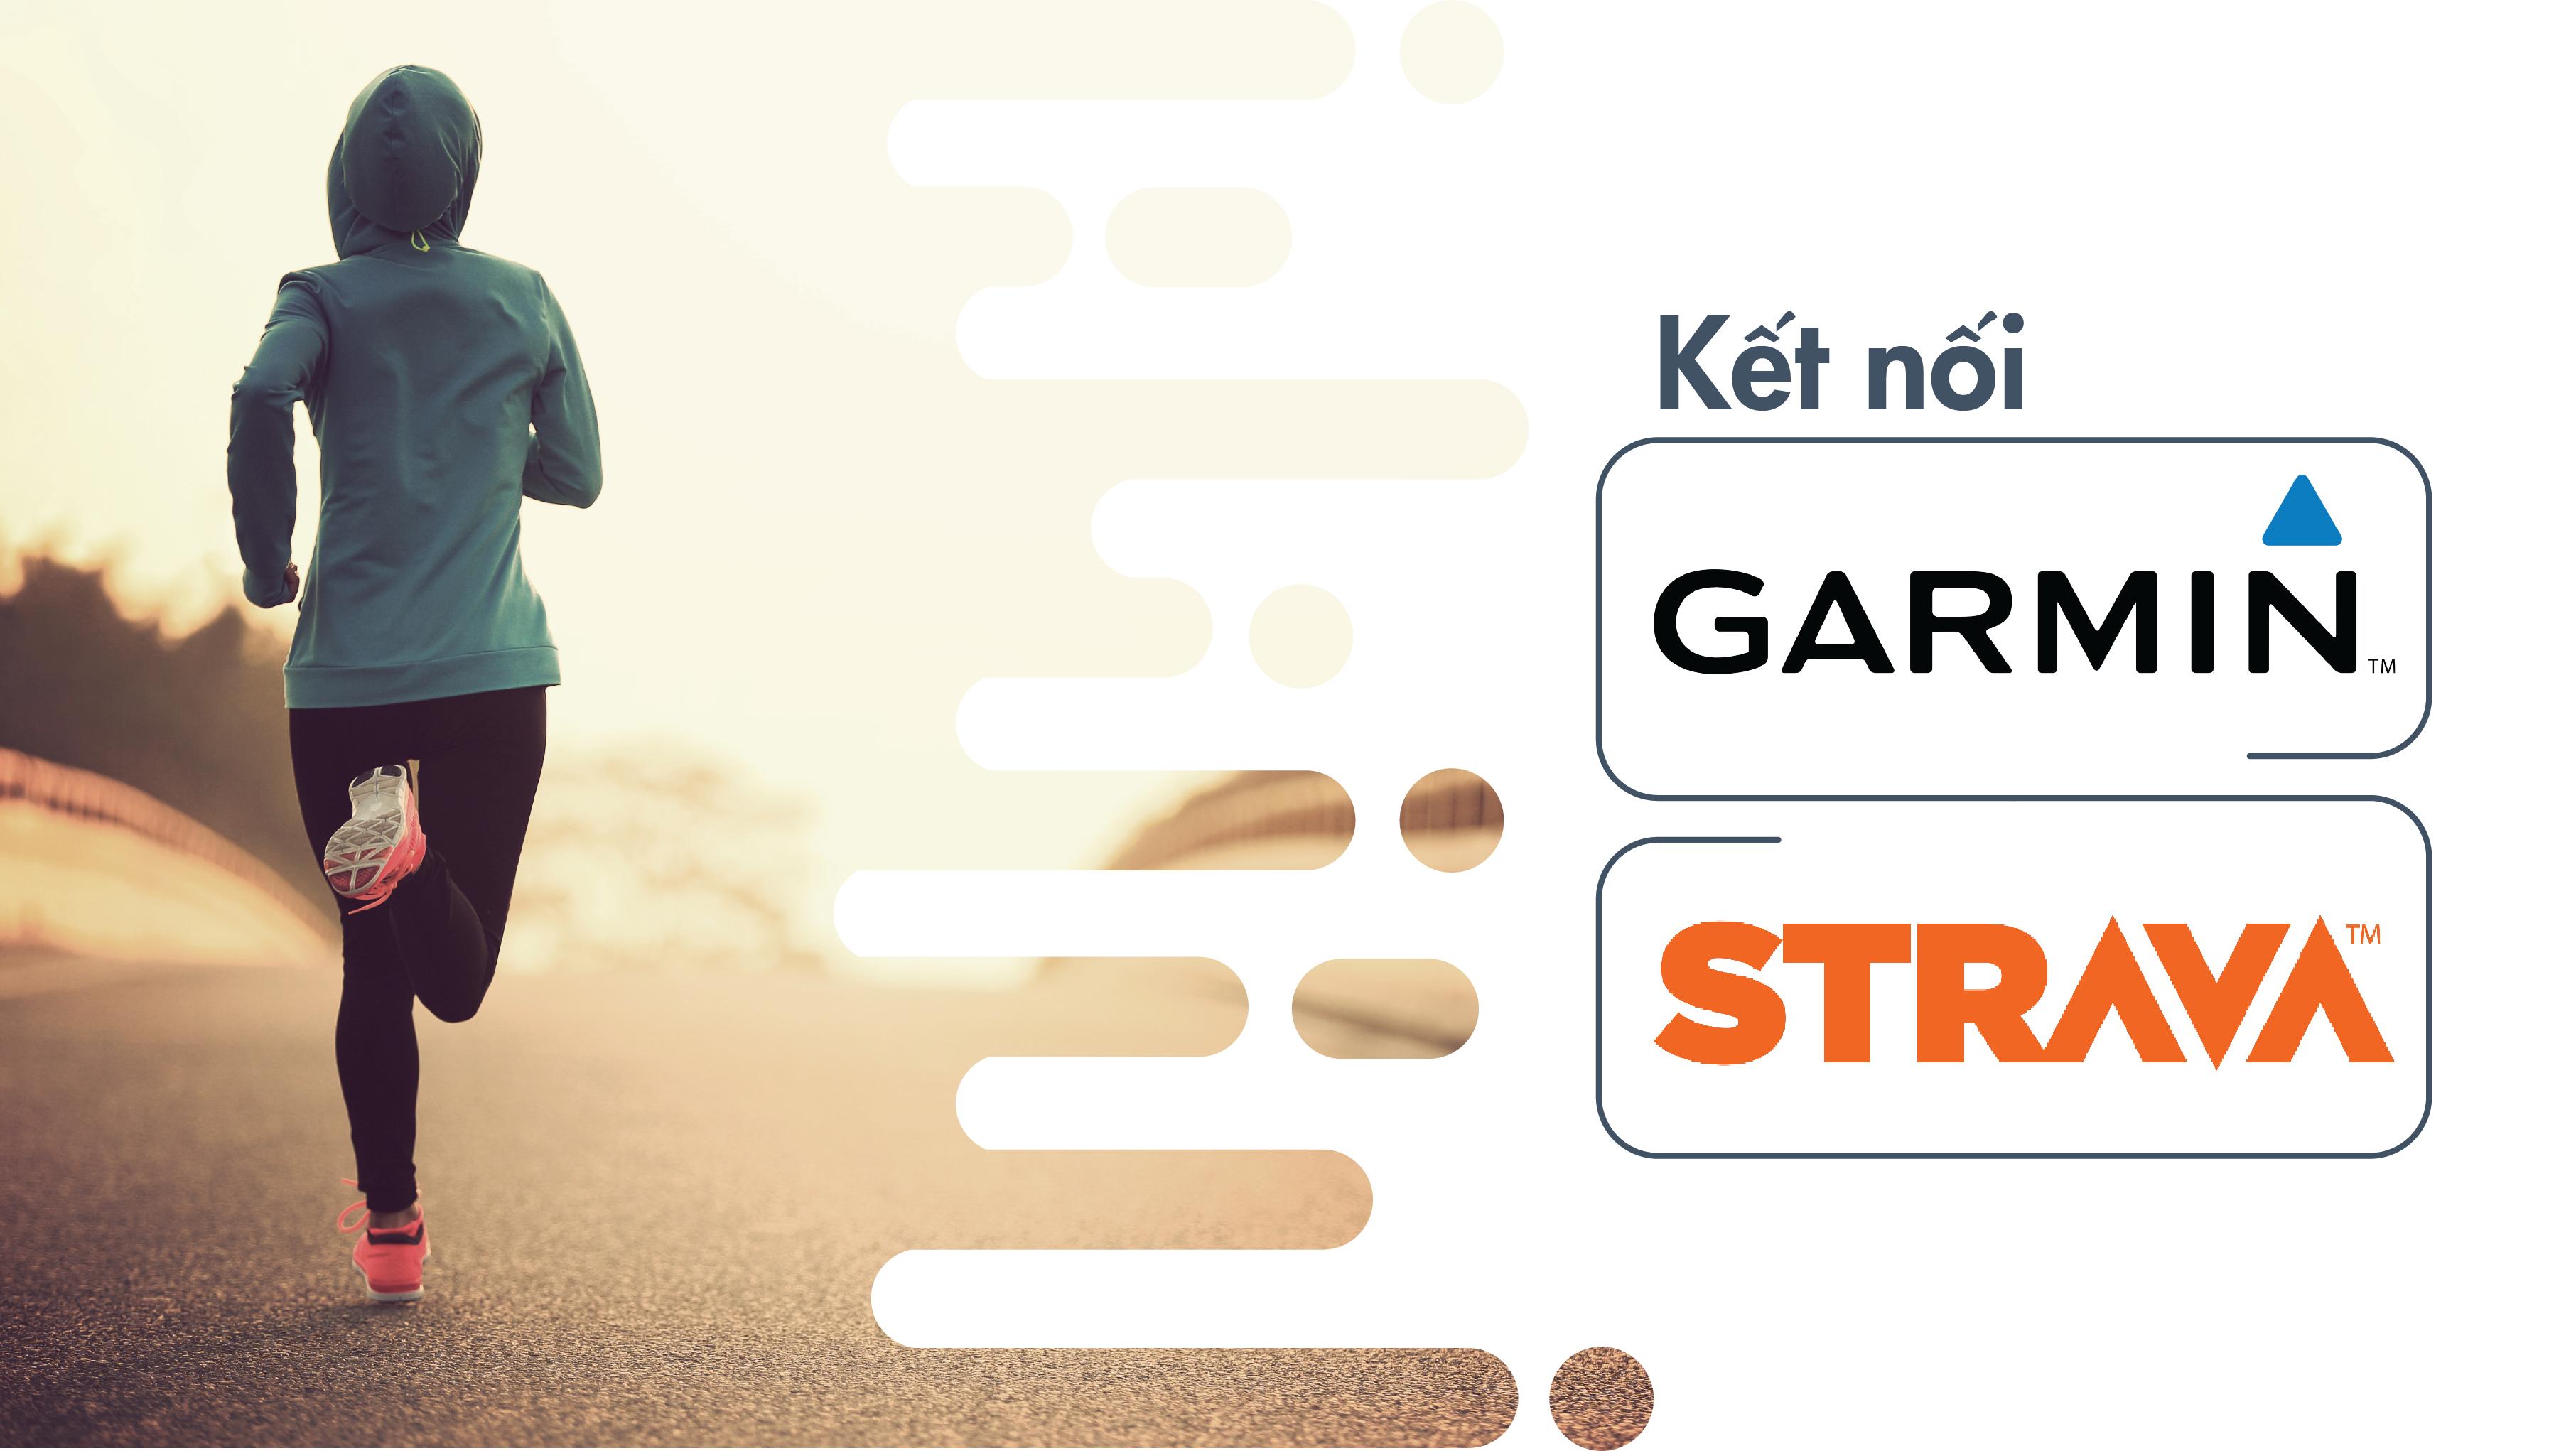 Hướng dẫn kết nối tài khoản GARMIN với STRAVA